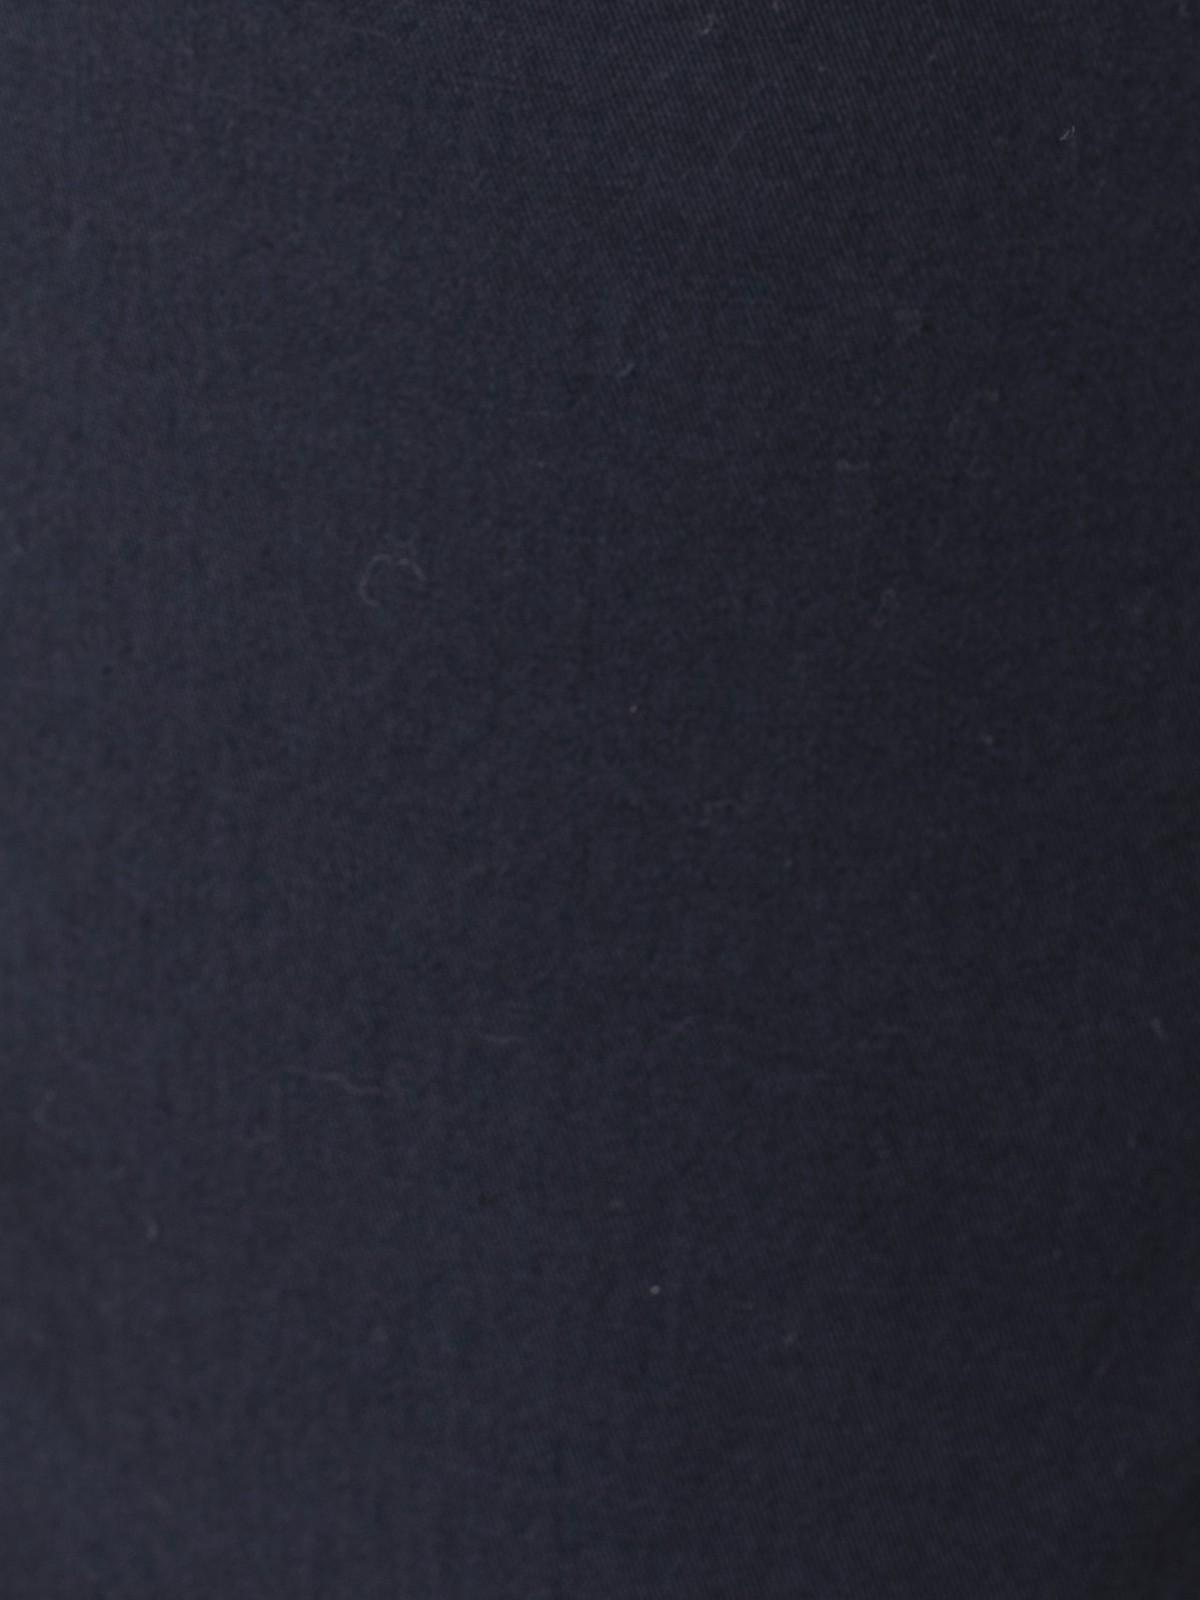 Pantalón mujer sport ligero Azul Marino